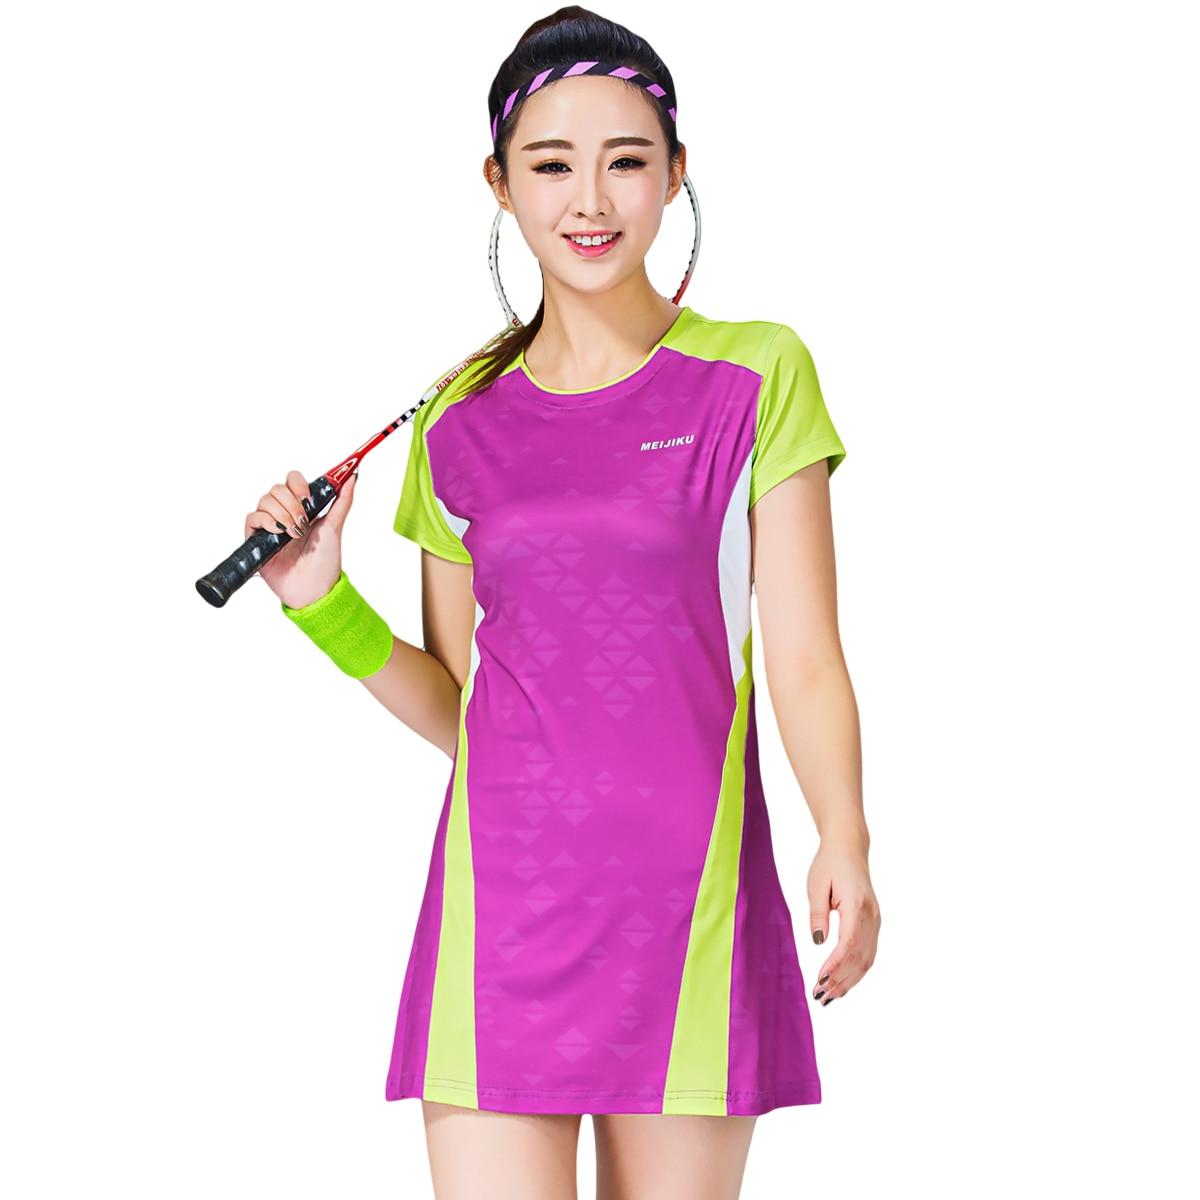 Vêtements de sport Badminton robes de Tennis robes pour femmes séchage rapide Slim avec court de sécurité